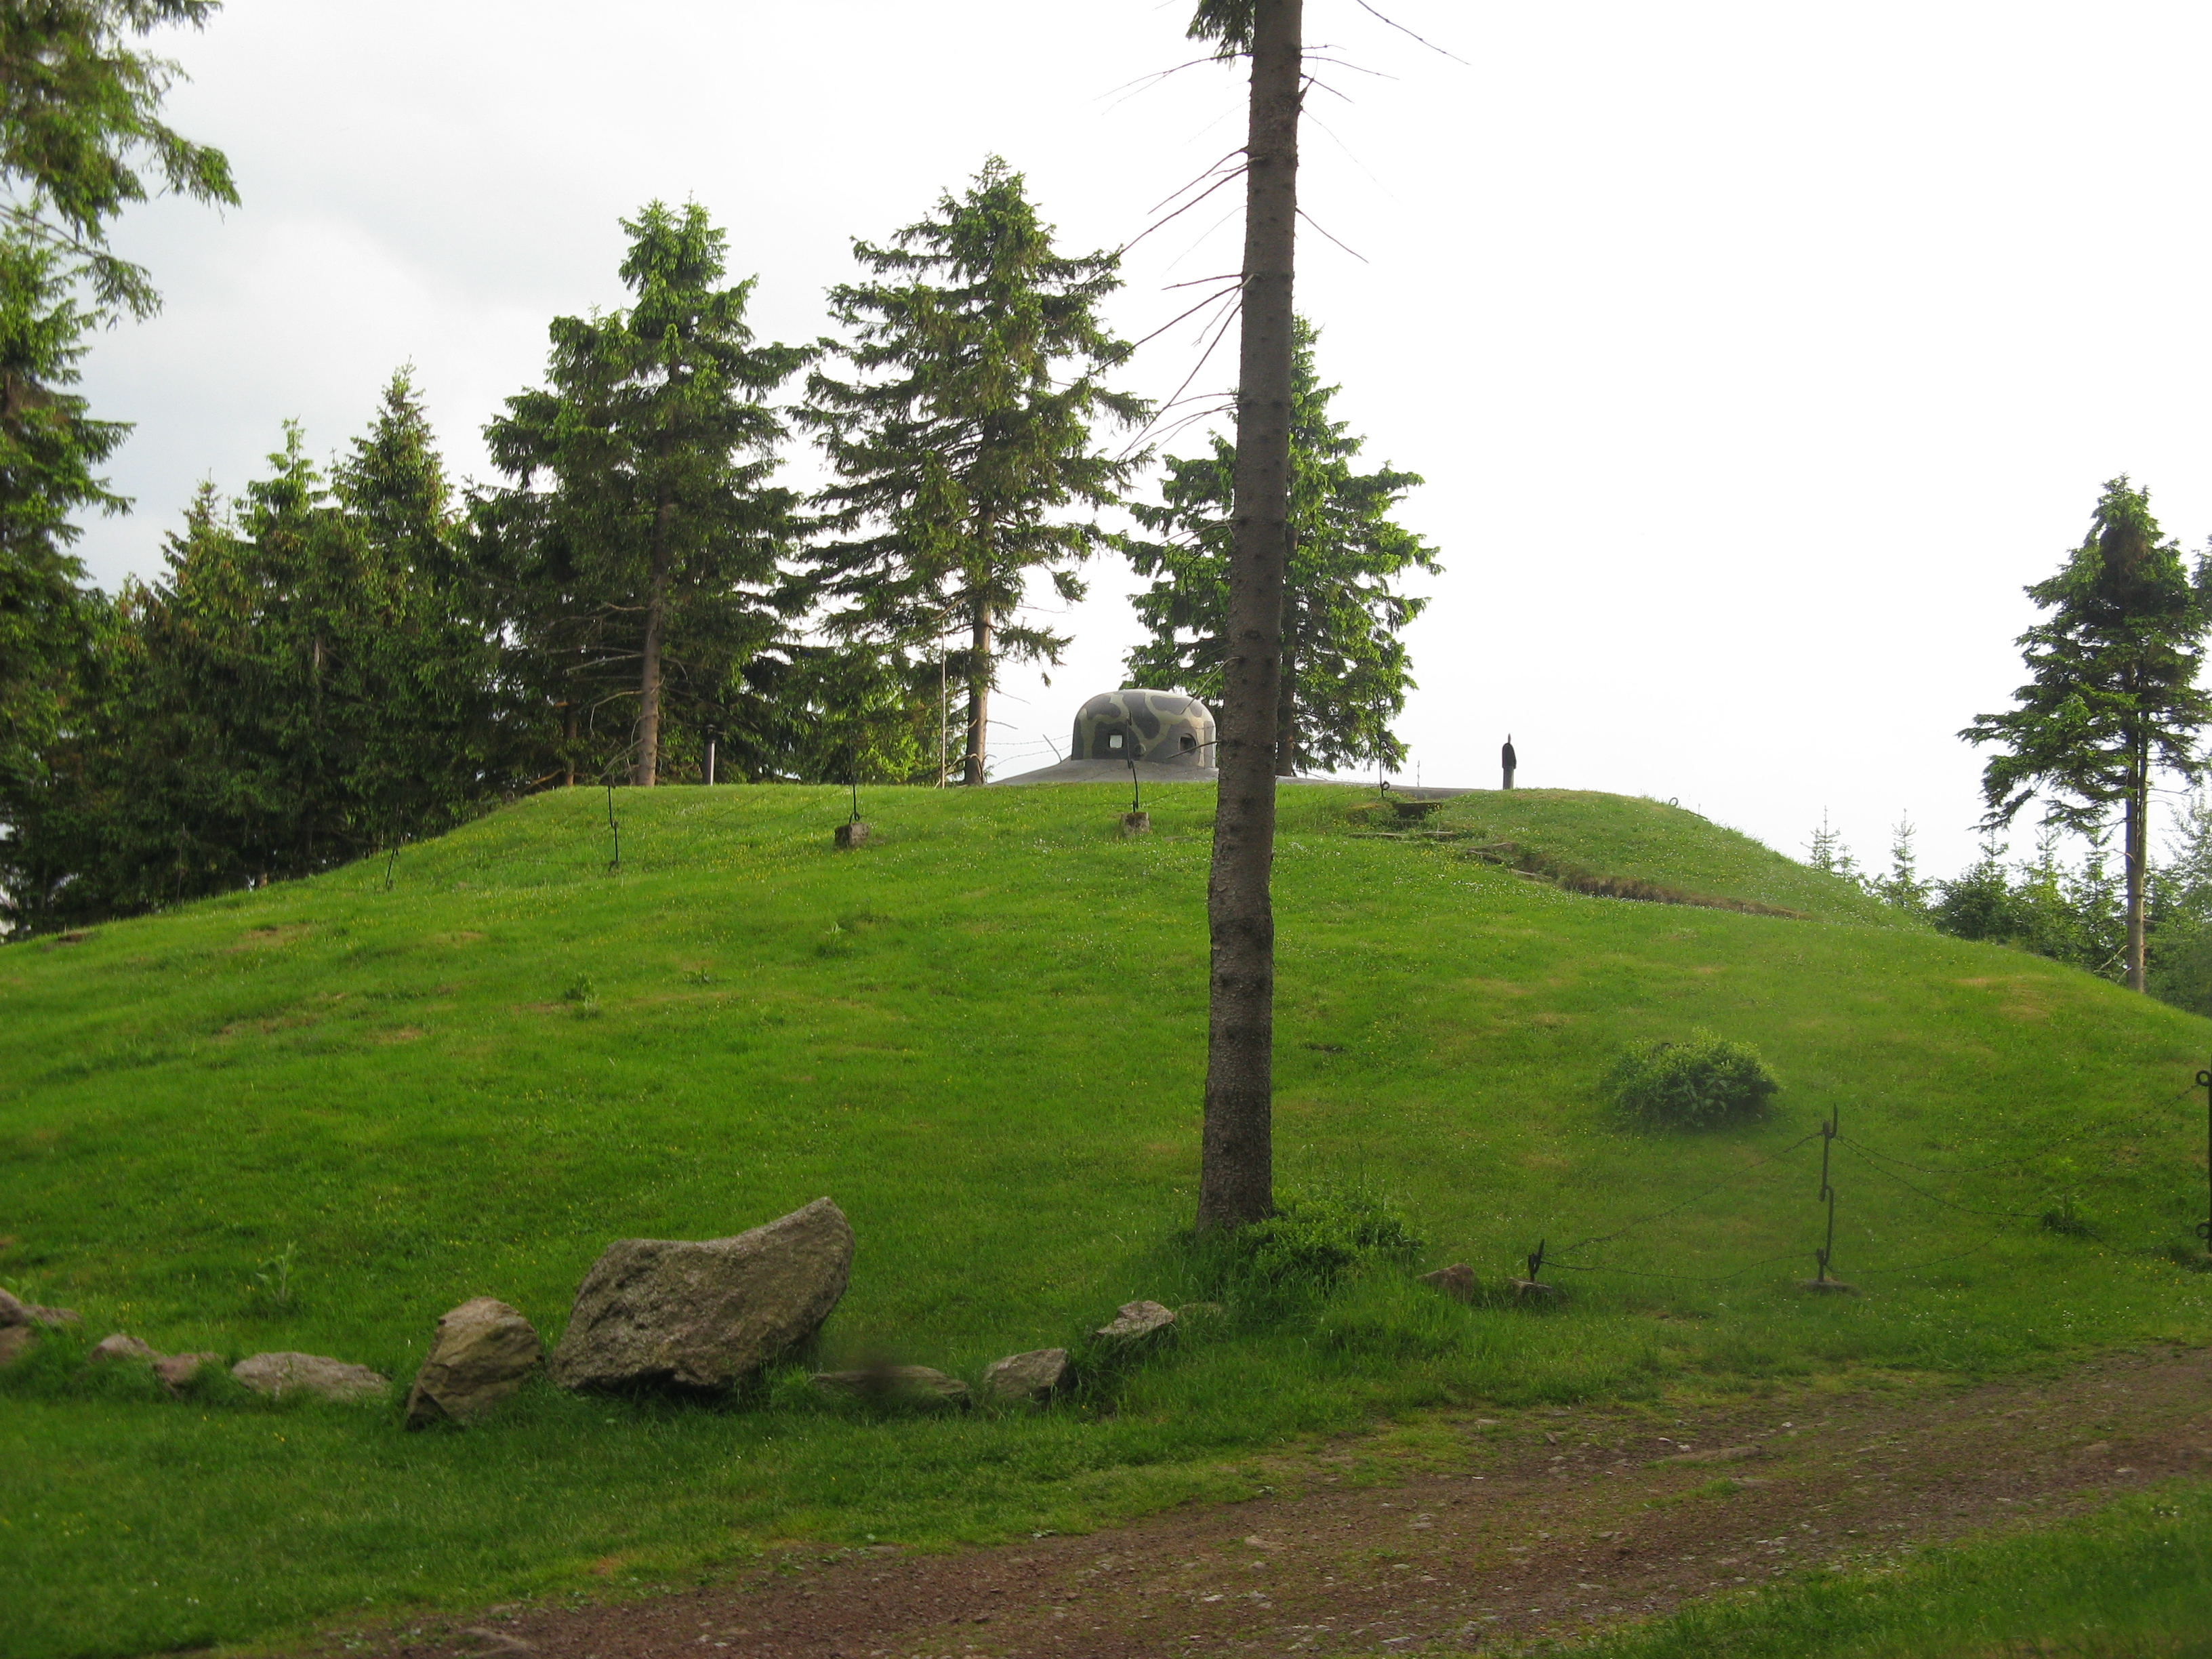 Foto 5: R-S 84 Průsek, už je po dešti a travička se zelená